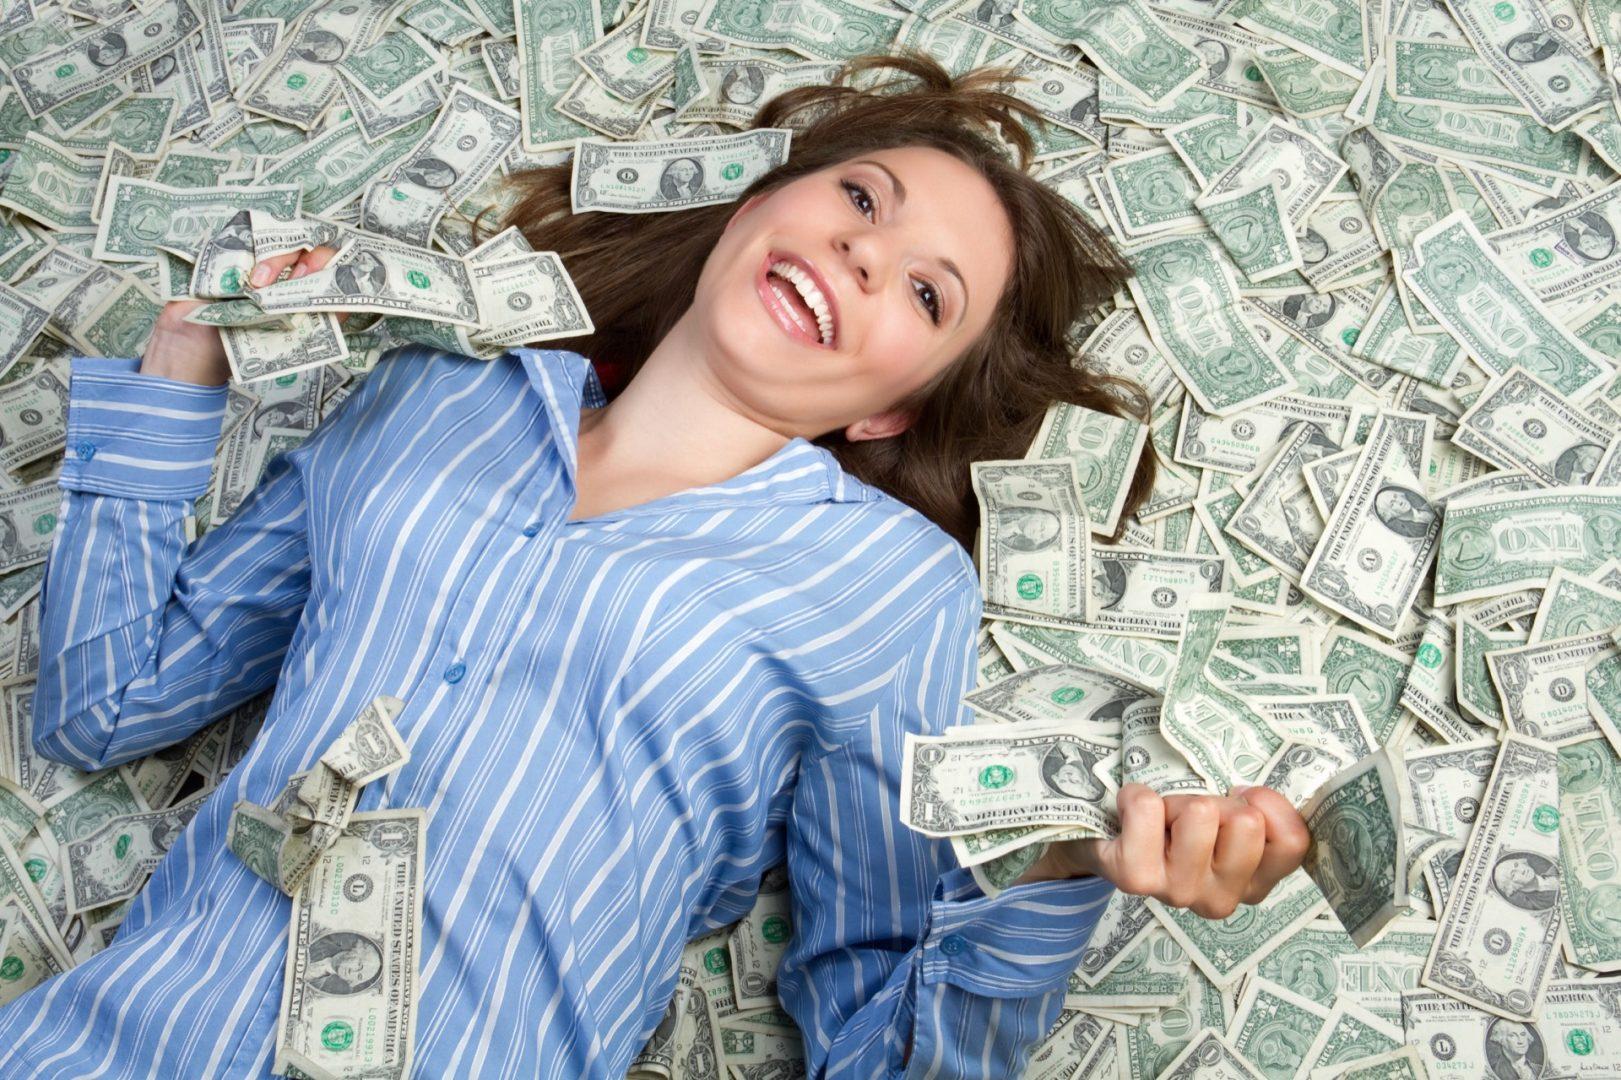 unde fac bani oamenii bogați